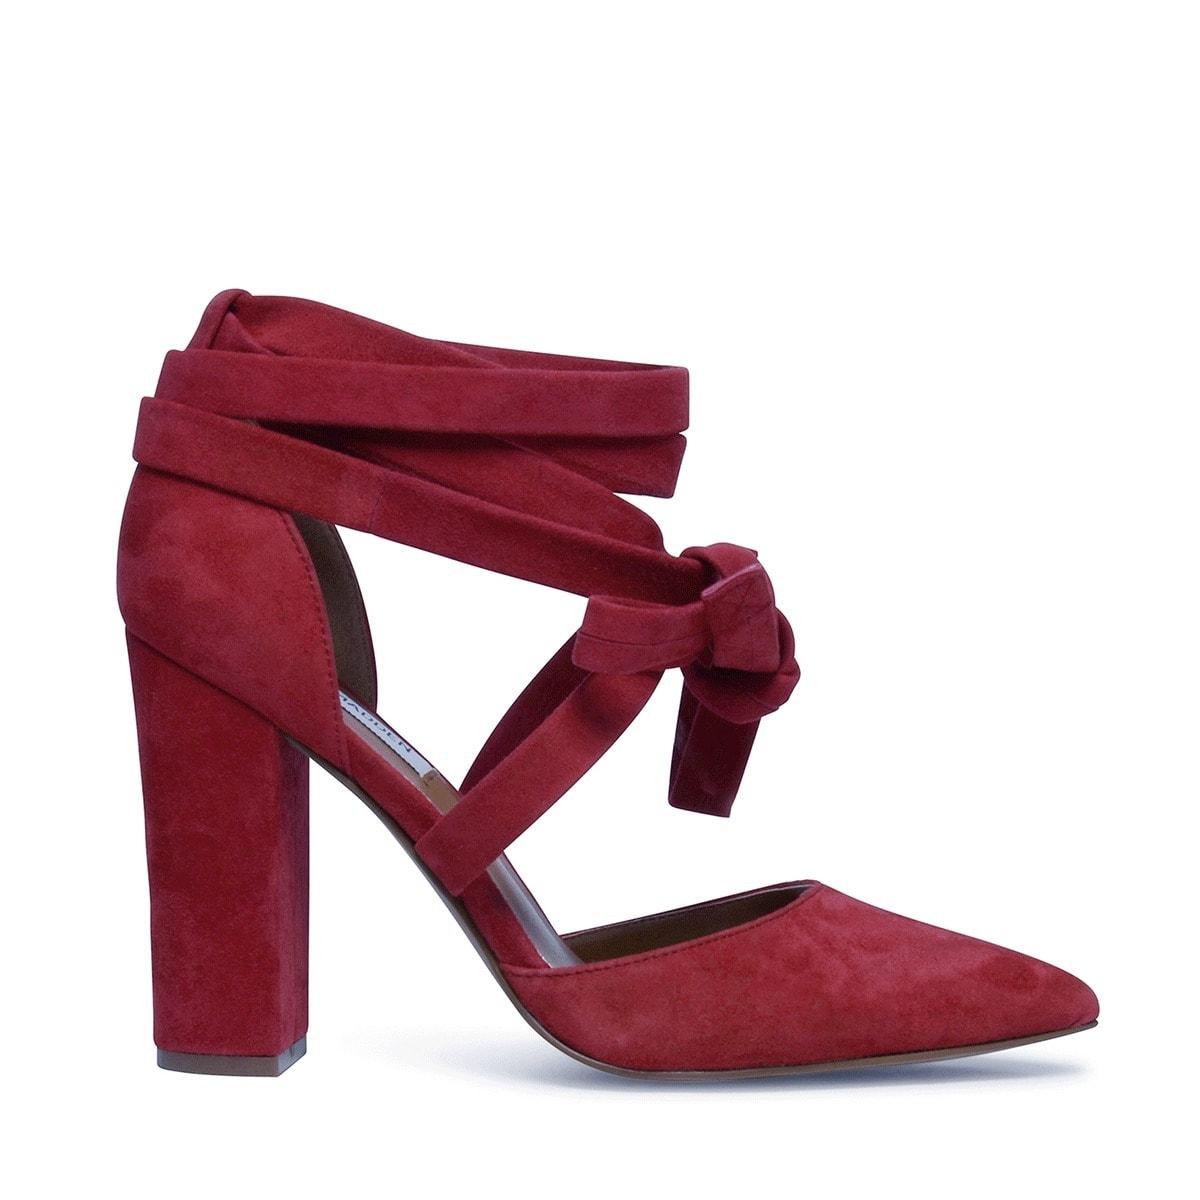 steve-madden-rode-pumps-trouwschoenen-sascha